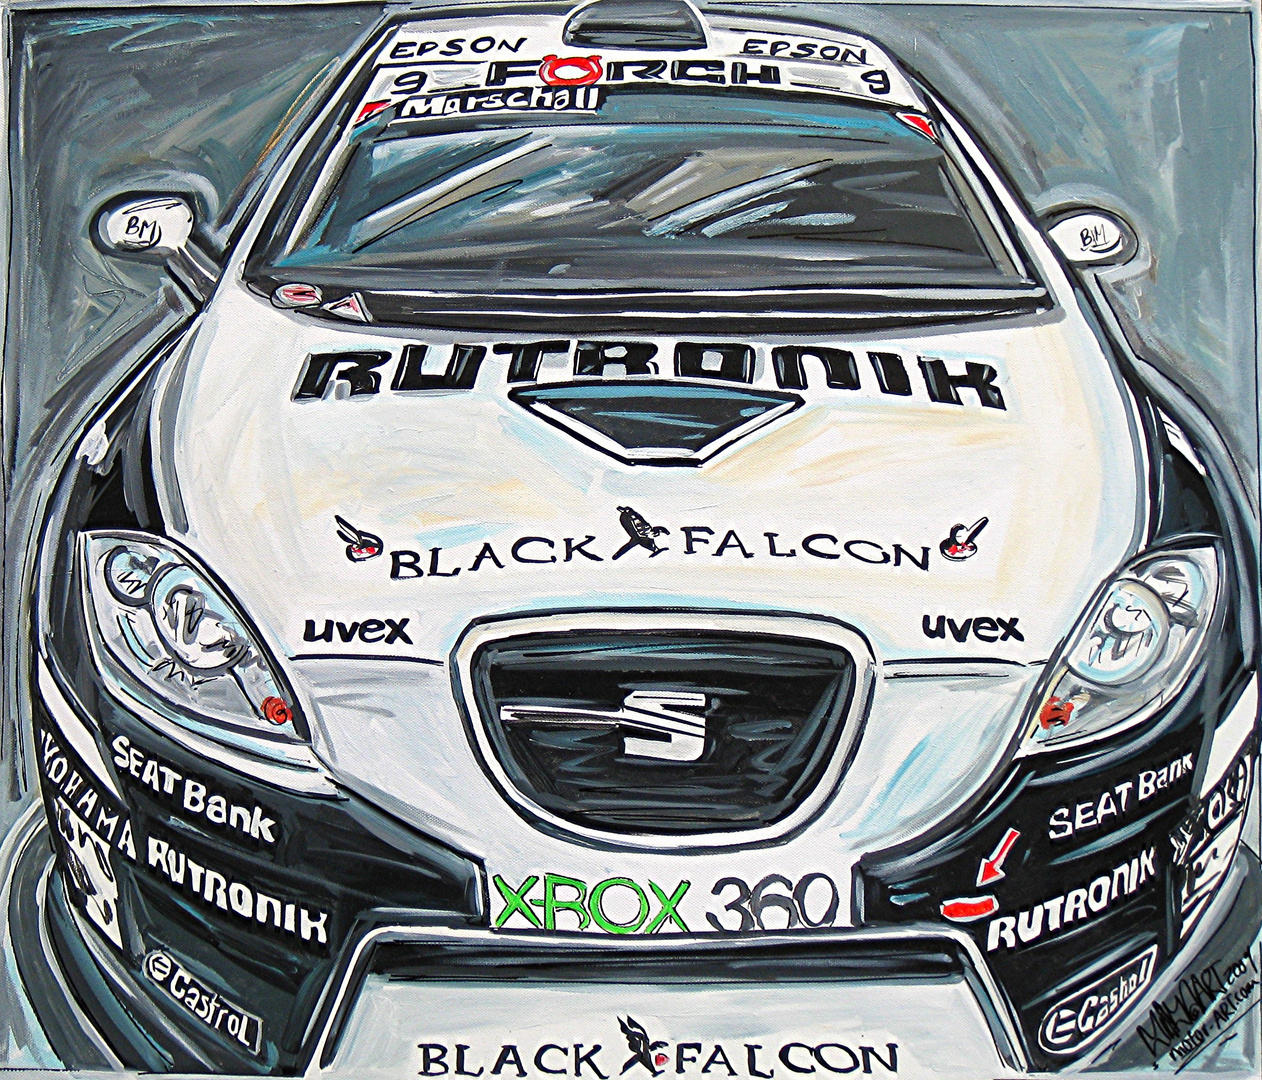 SEAT Super Copa Leon Sieger 2009: Herr Marschall